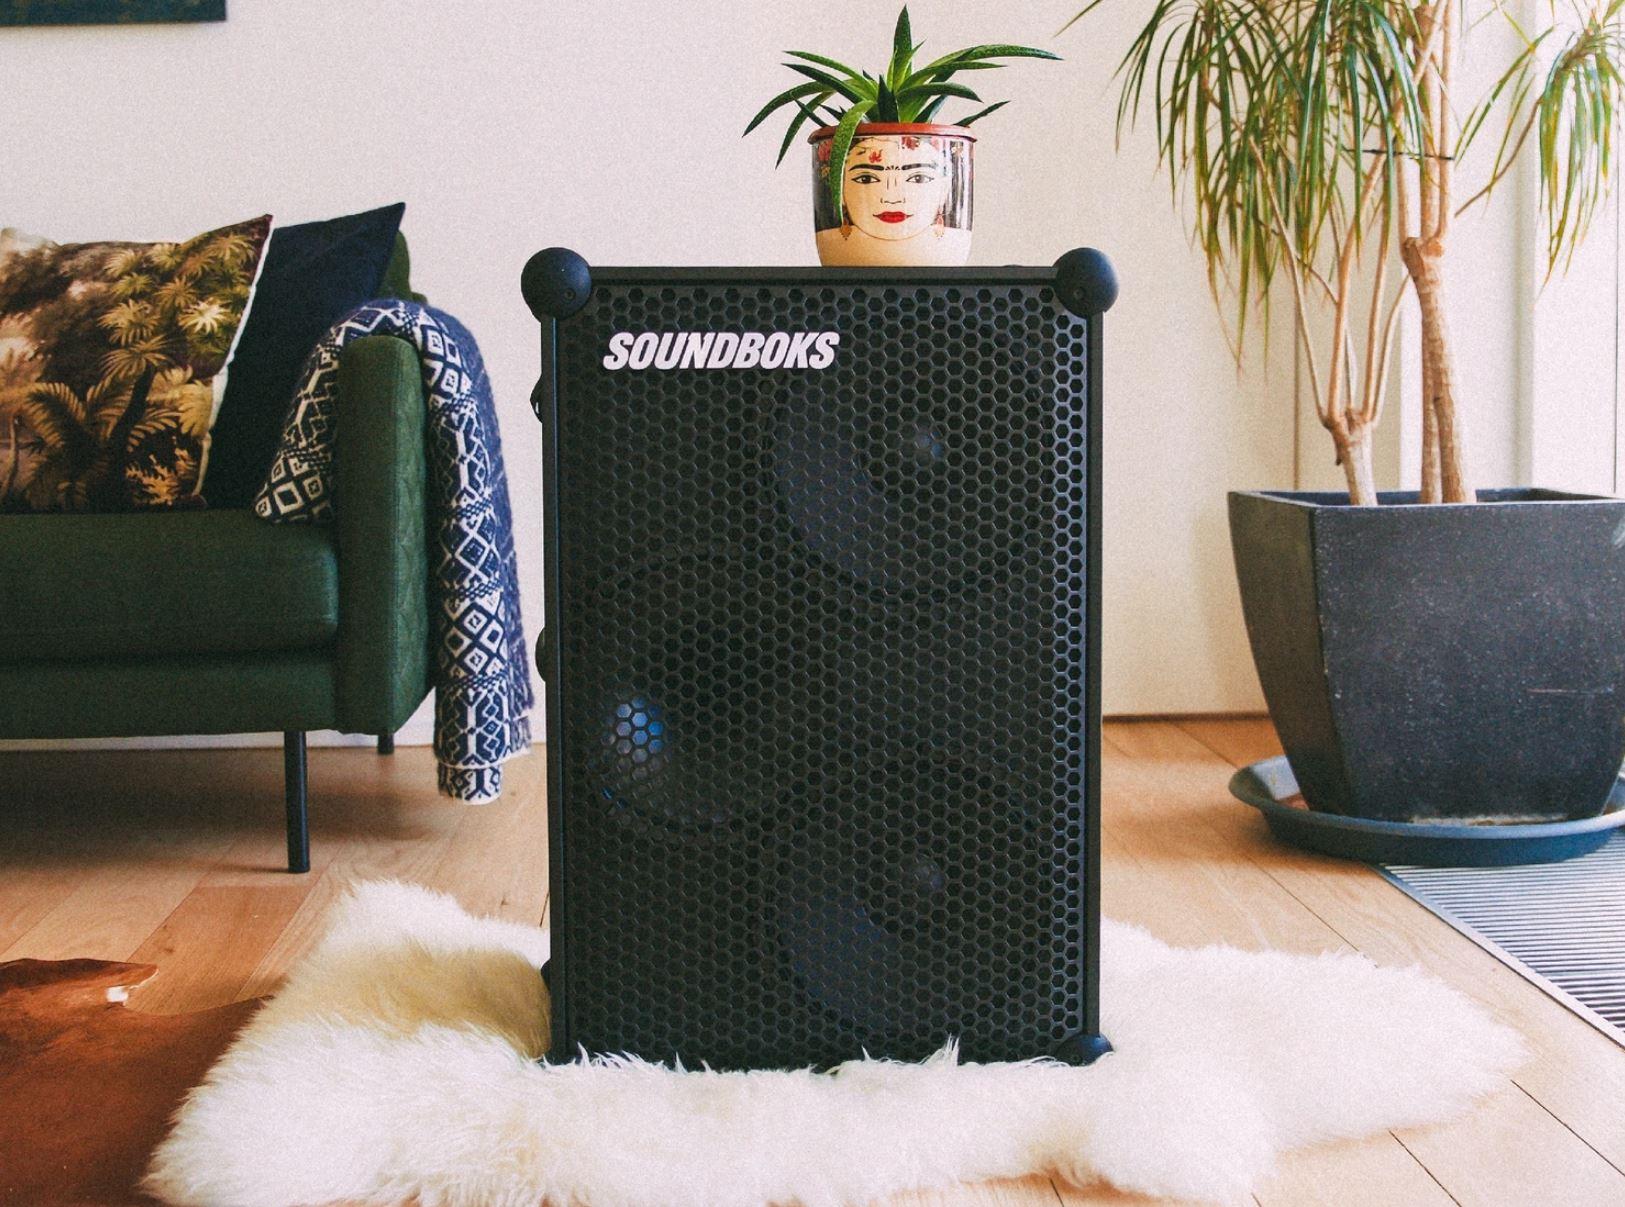 Soundboks Gen 3